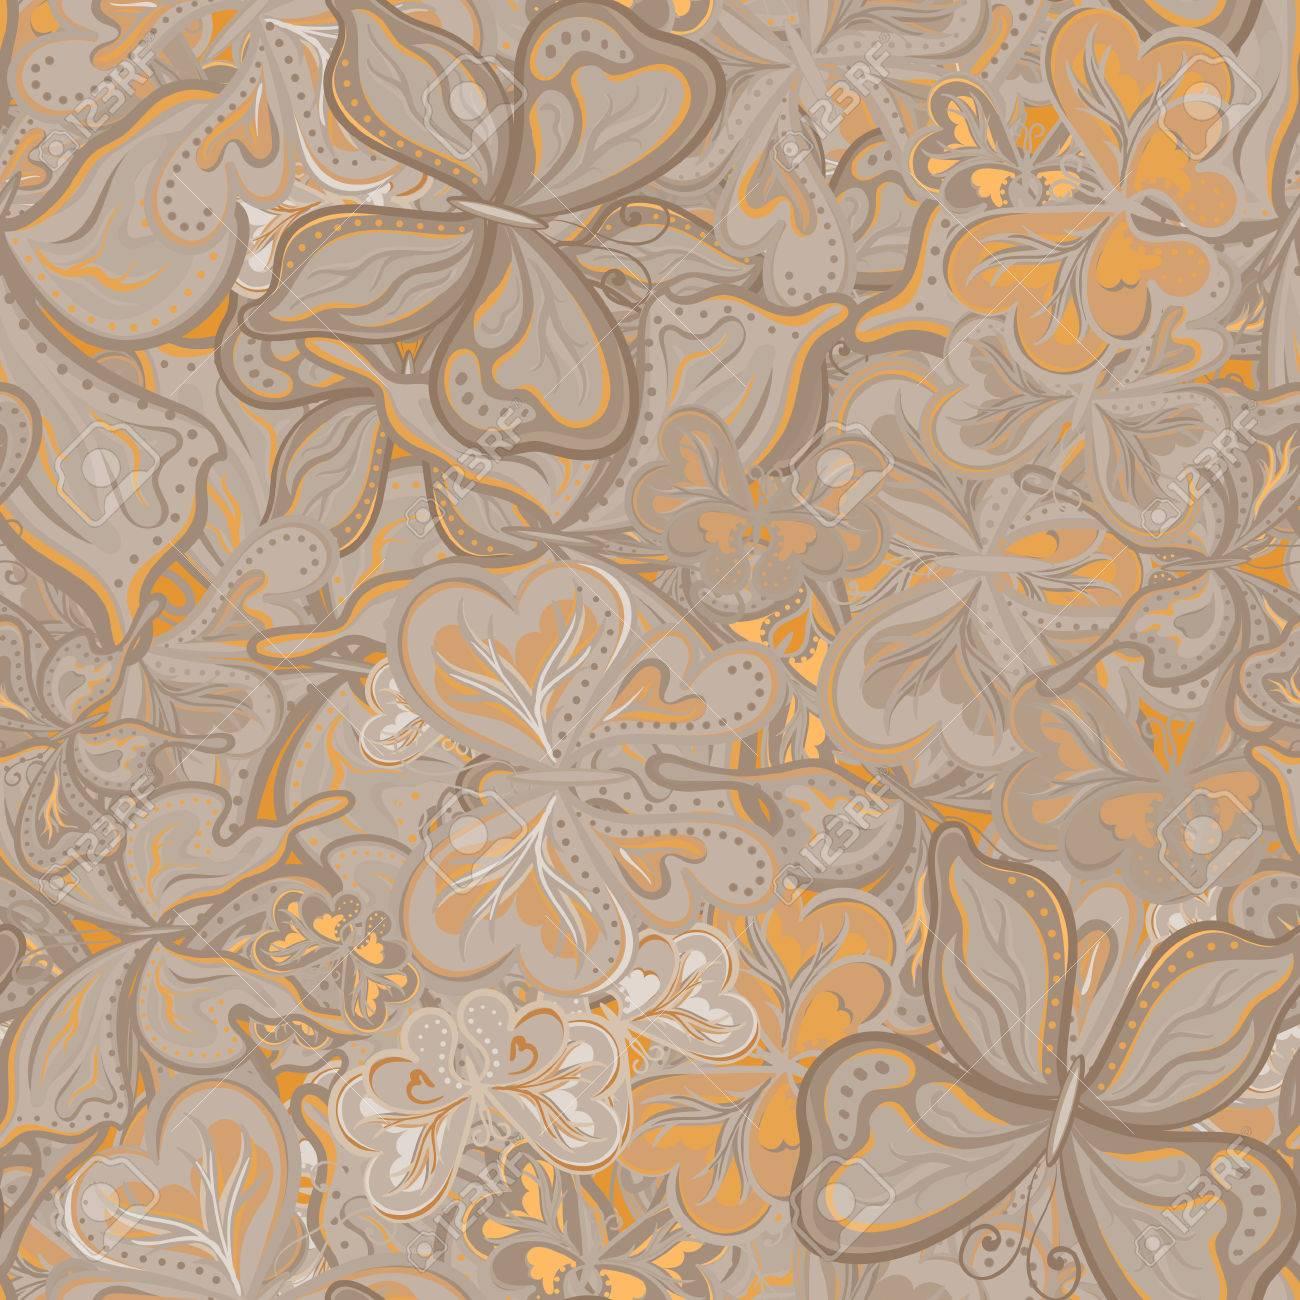 Carta Da Parati Tessuto modello di vettore senza soluzione di continuità con farfalle per tessuto,  tessuto o carta da parati